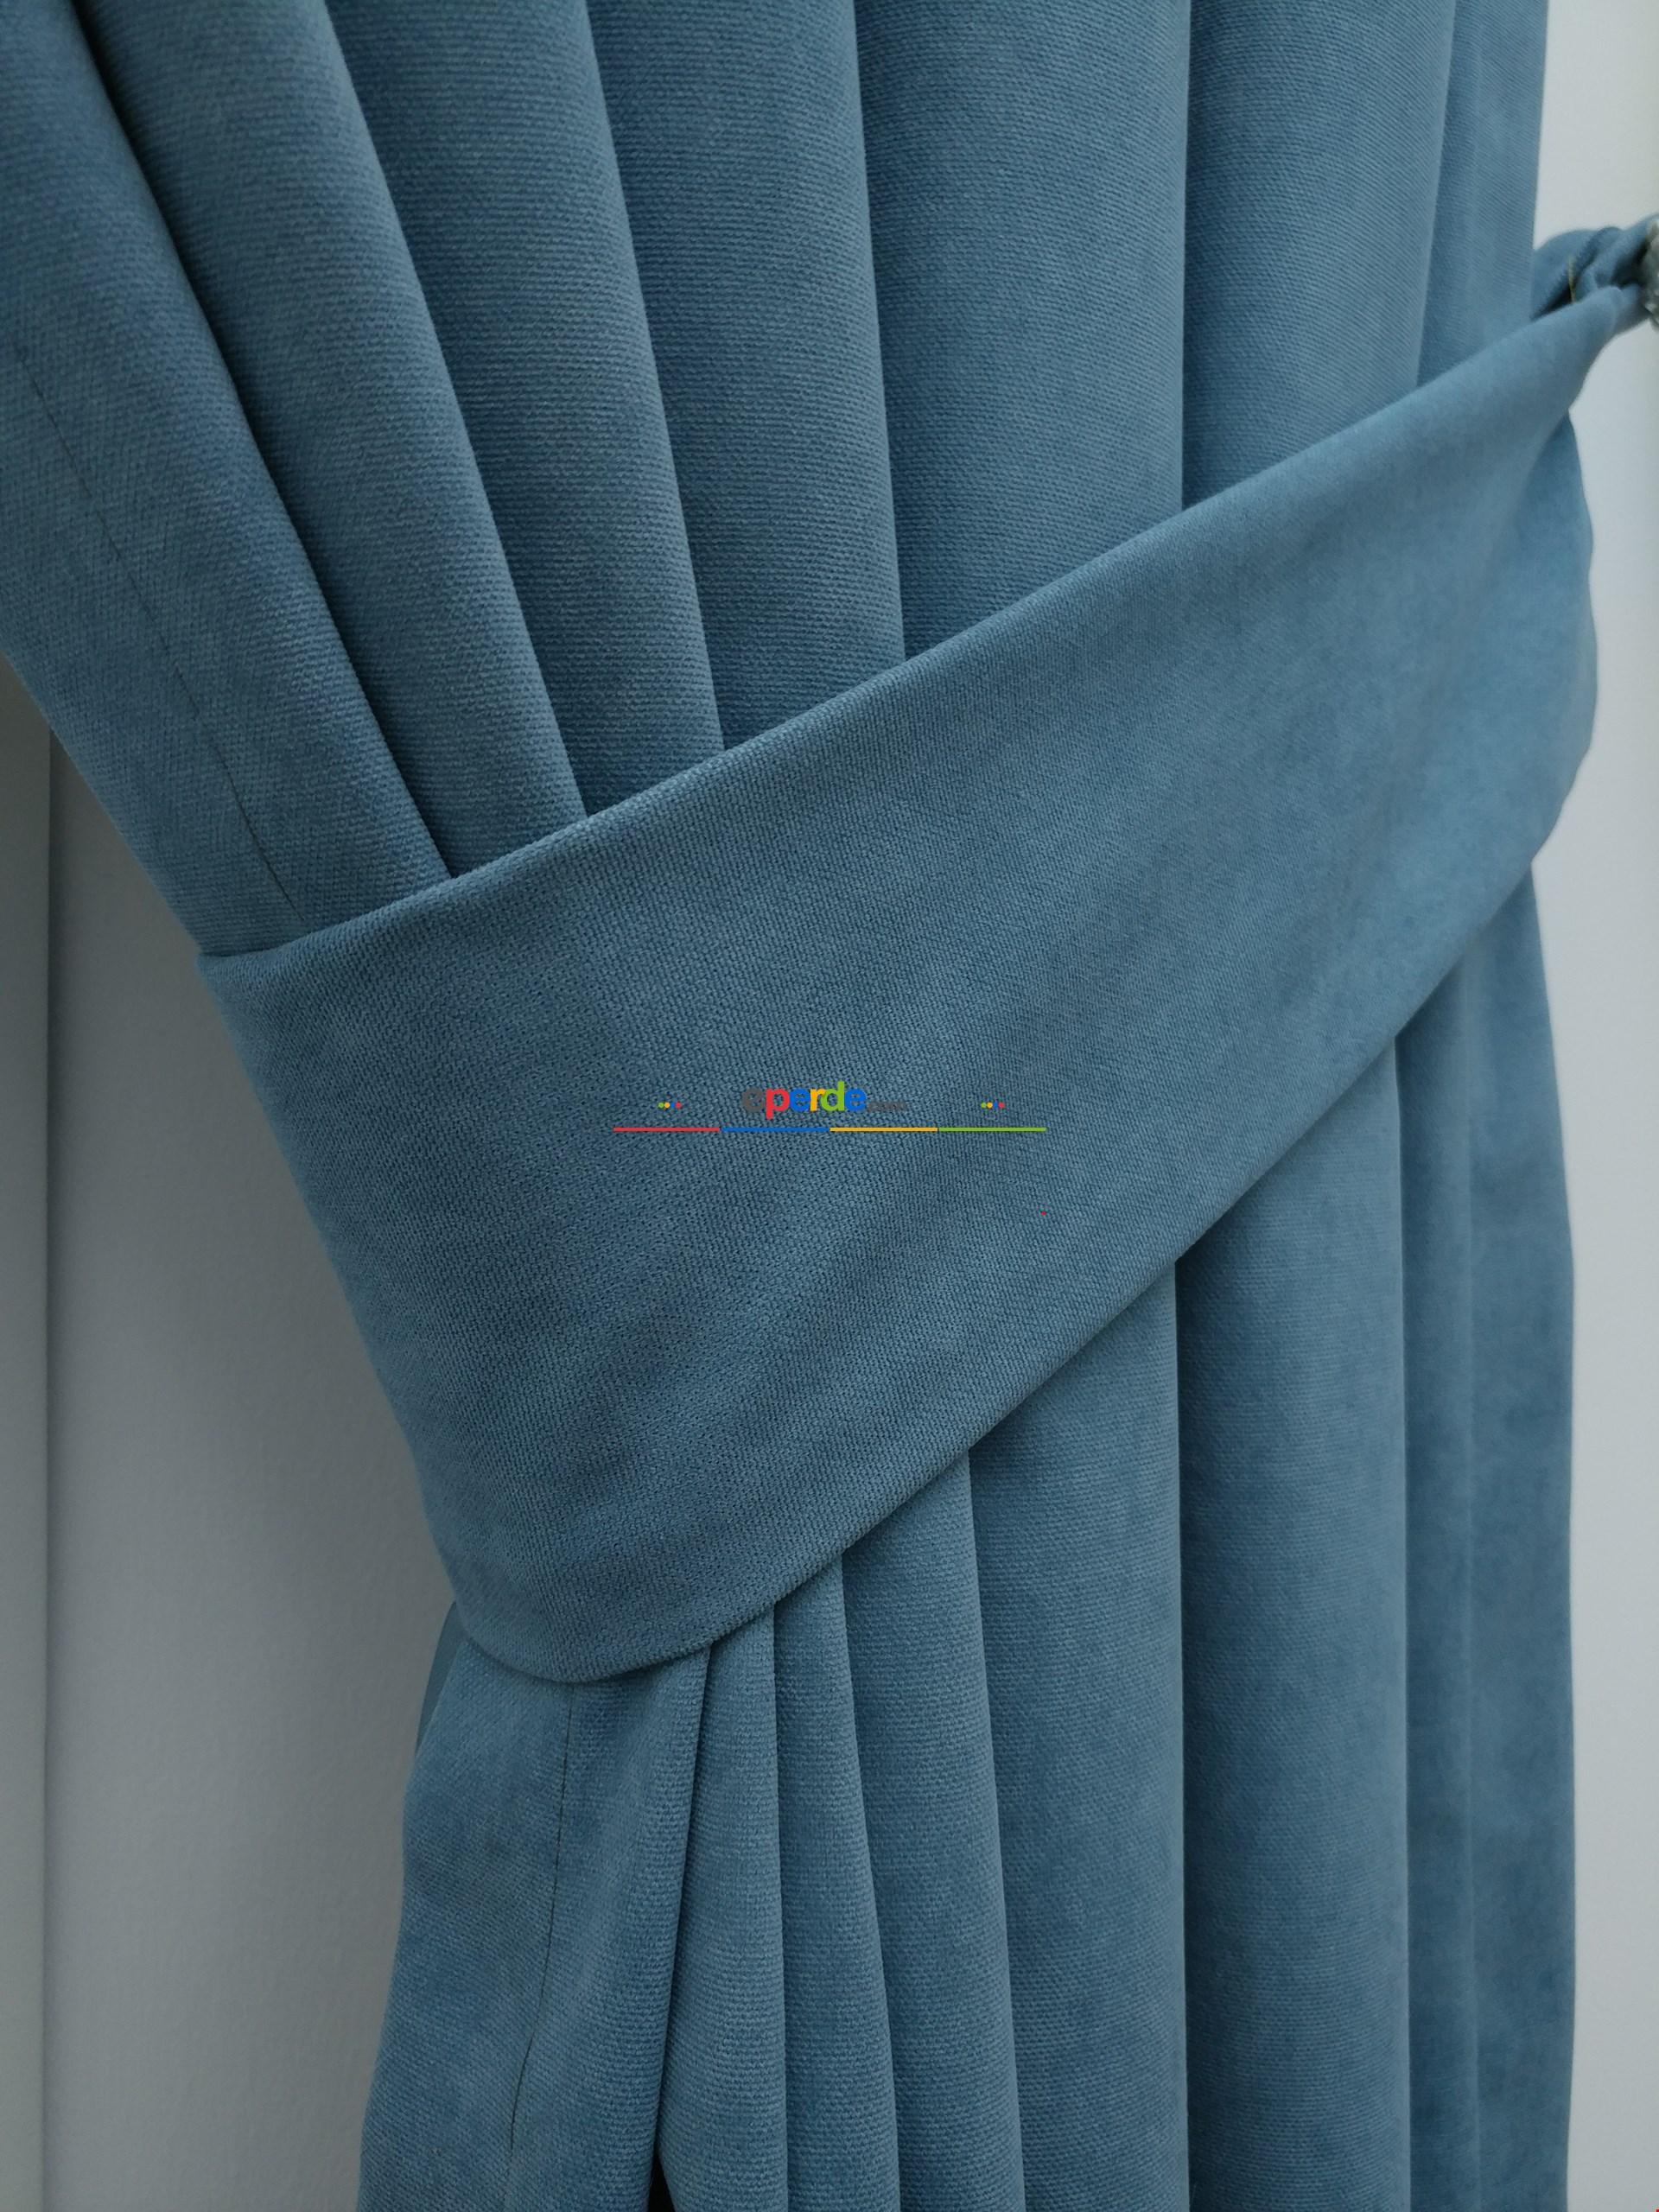 Mavi - Düz Fon Perde (180)